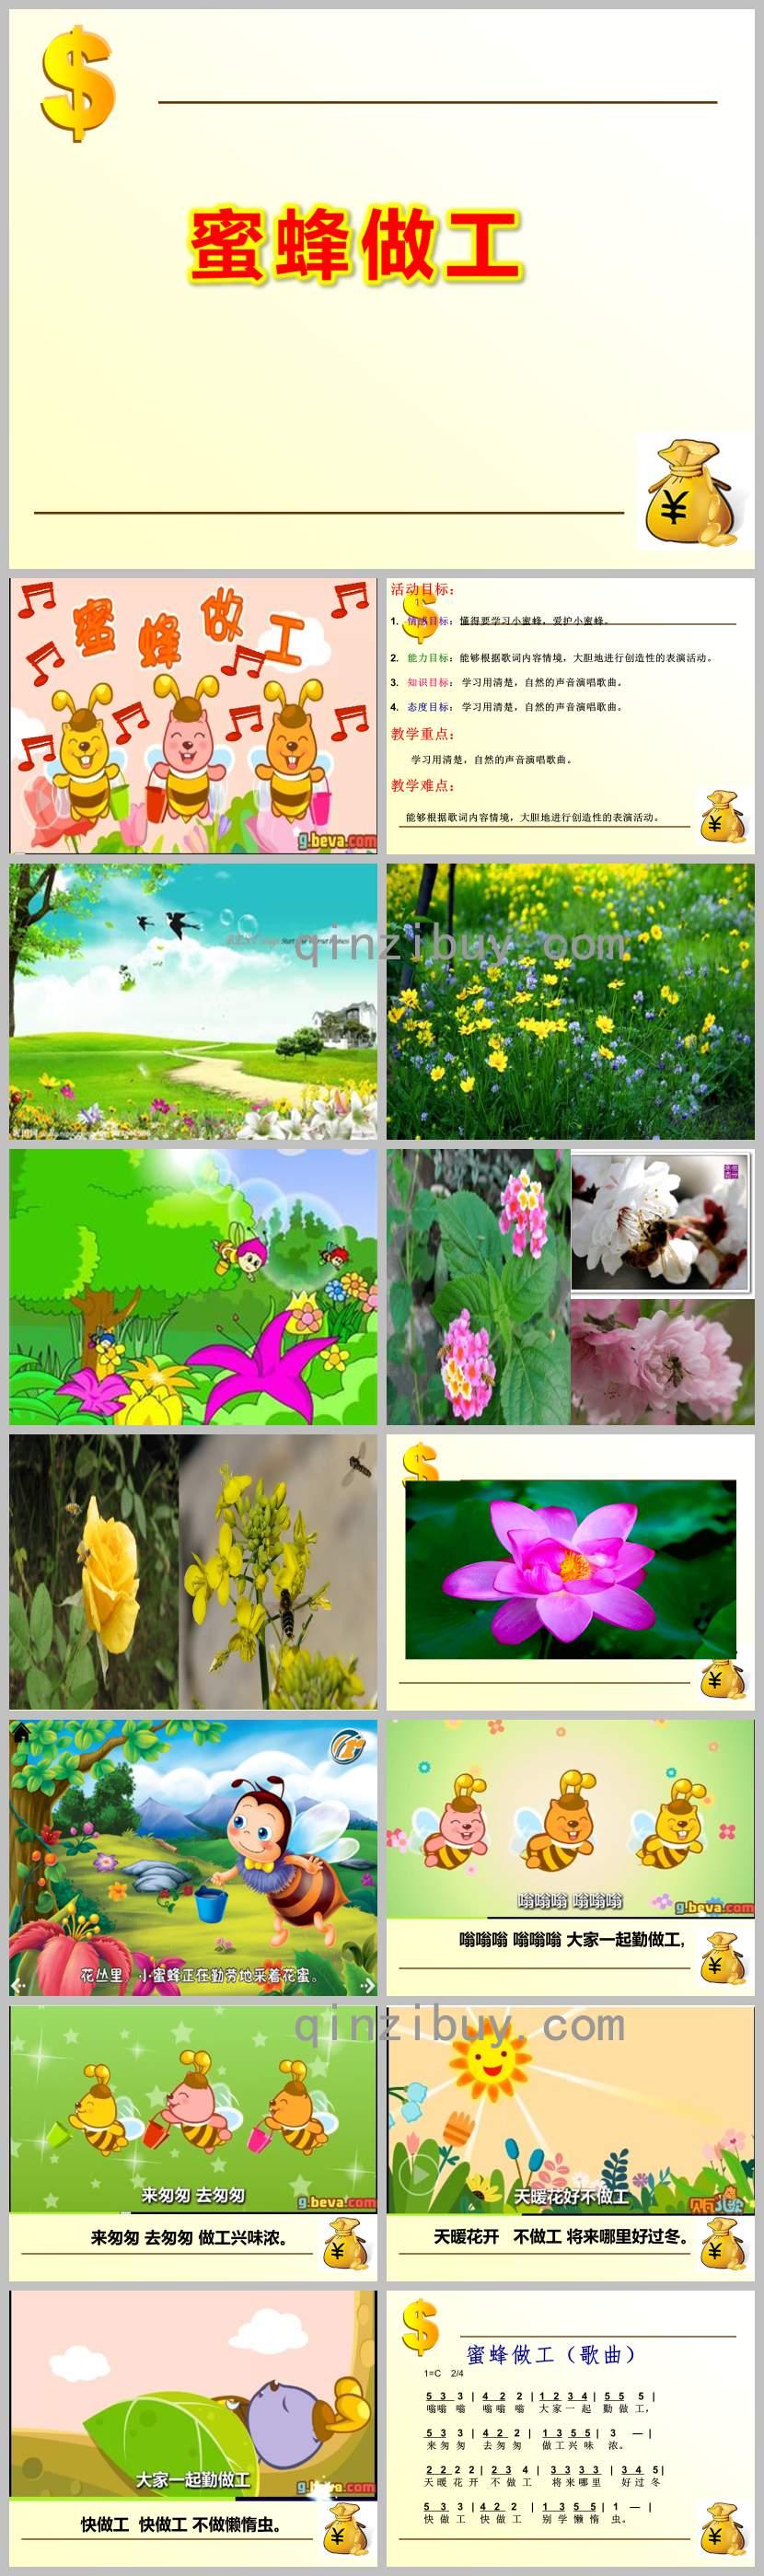 蜜蜂做工PPT课件教案图片